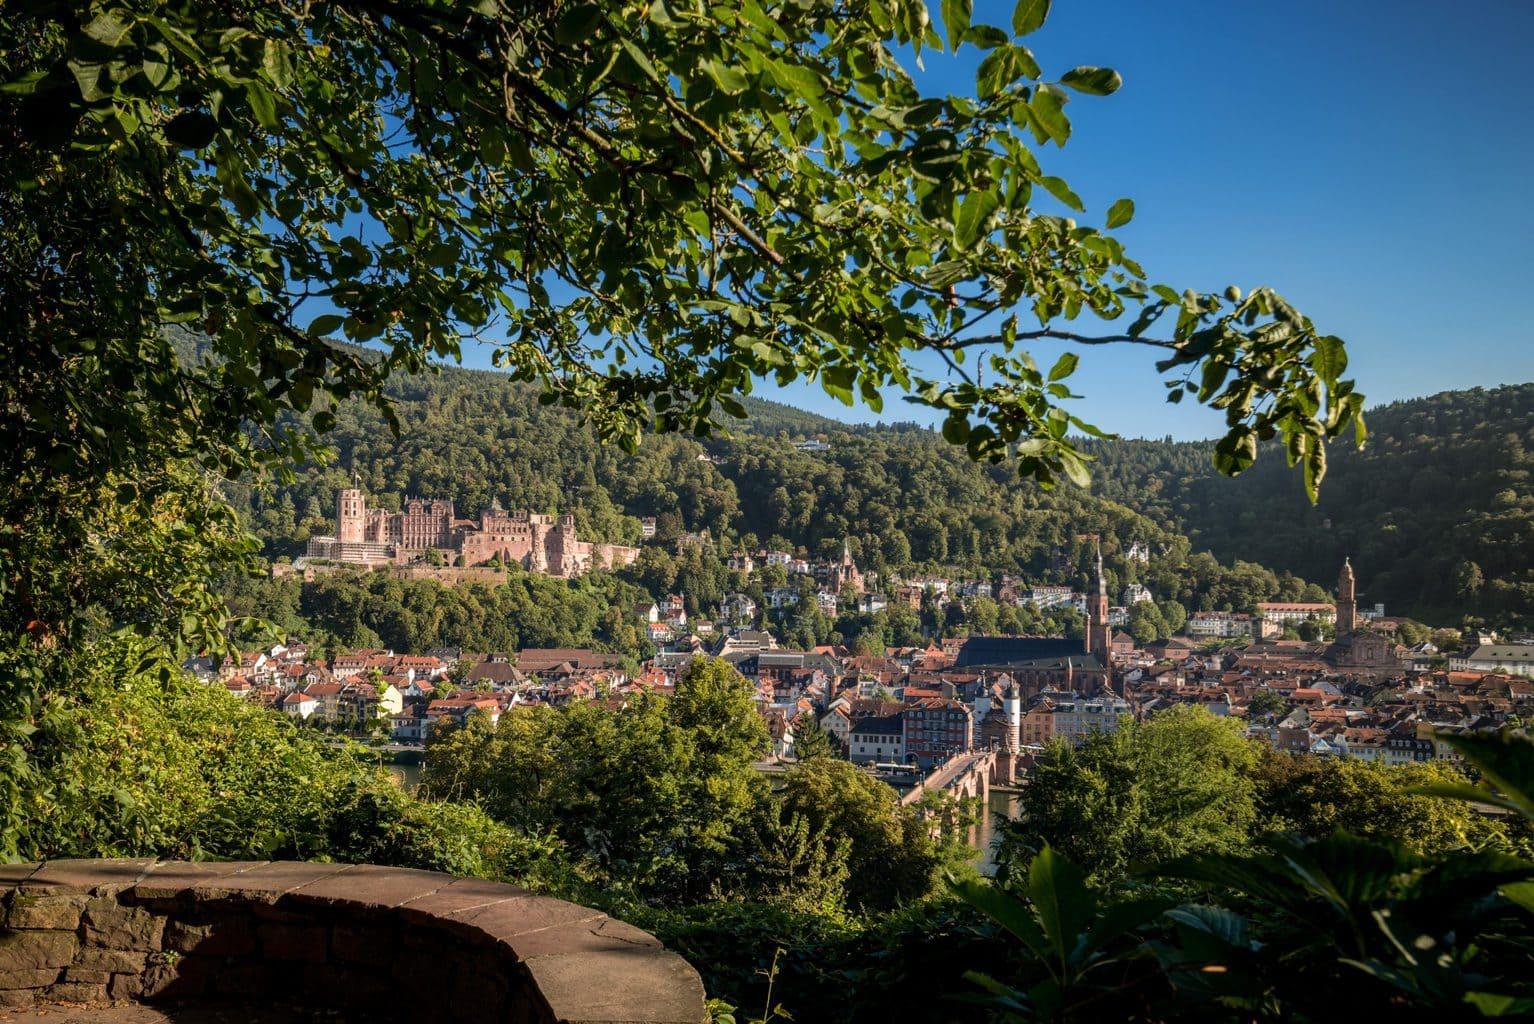 Uitzicht op de kasteelruïne van Heidelberg na een wandeling door de stad